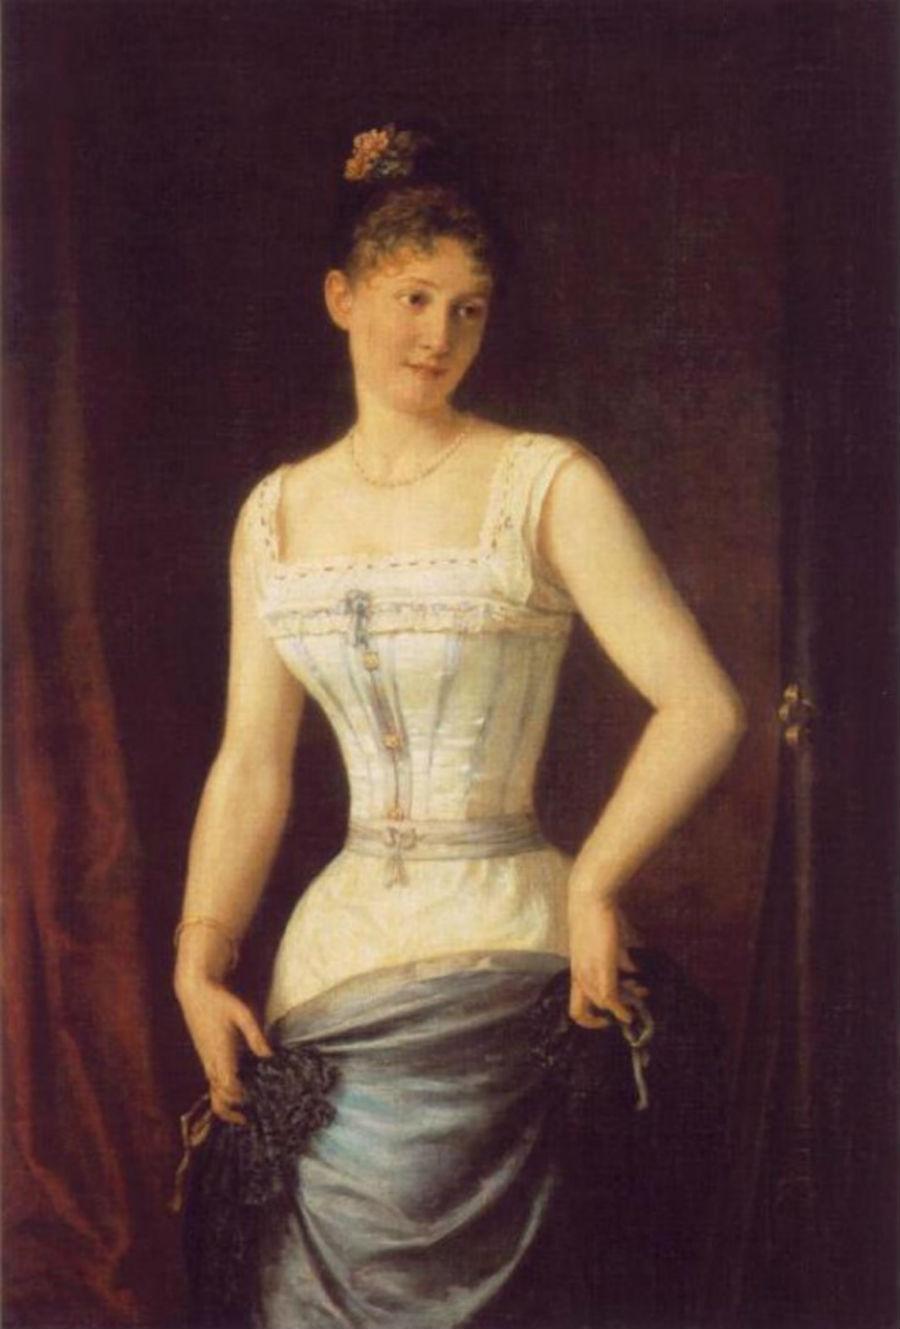 1900-е годы — чулки, панталоны, корсеты, нижняя юбка, блузка и вторая юбка — все это надевалось под